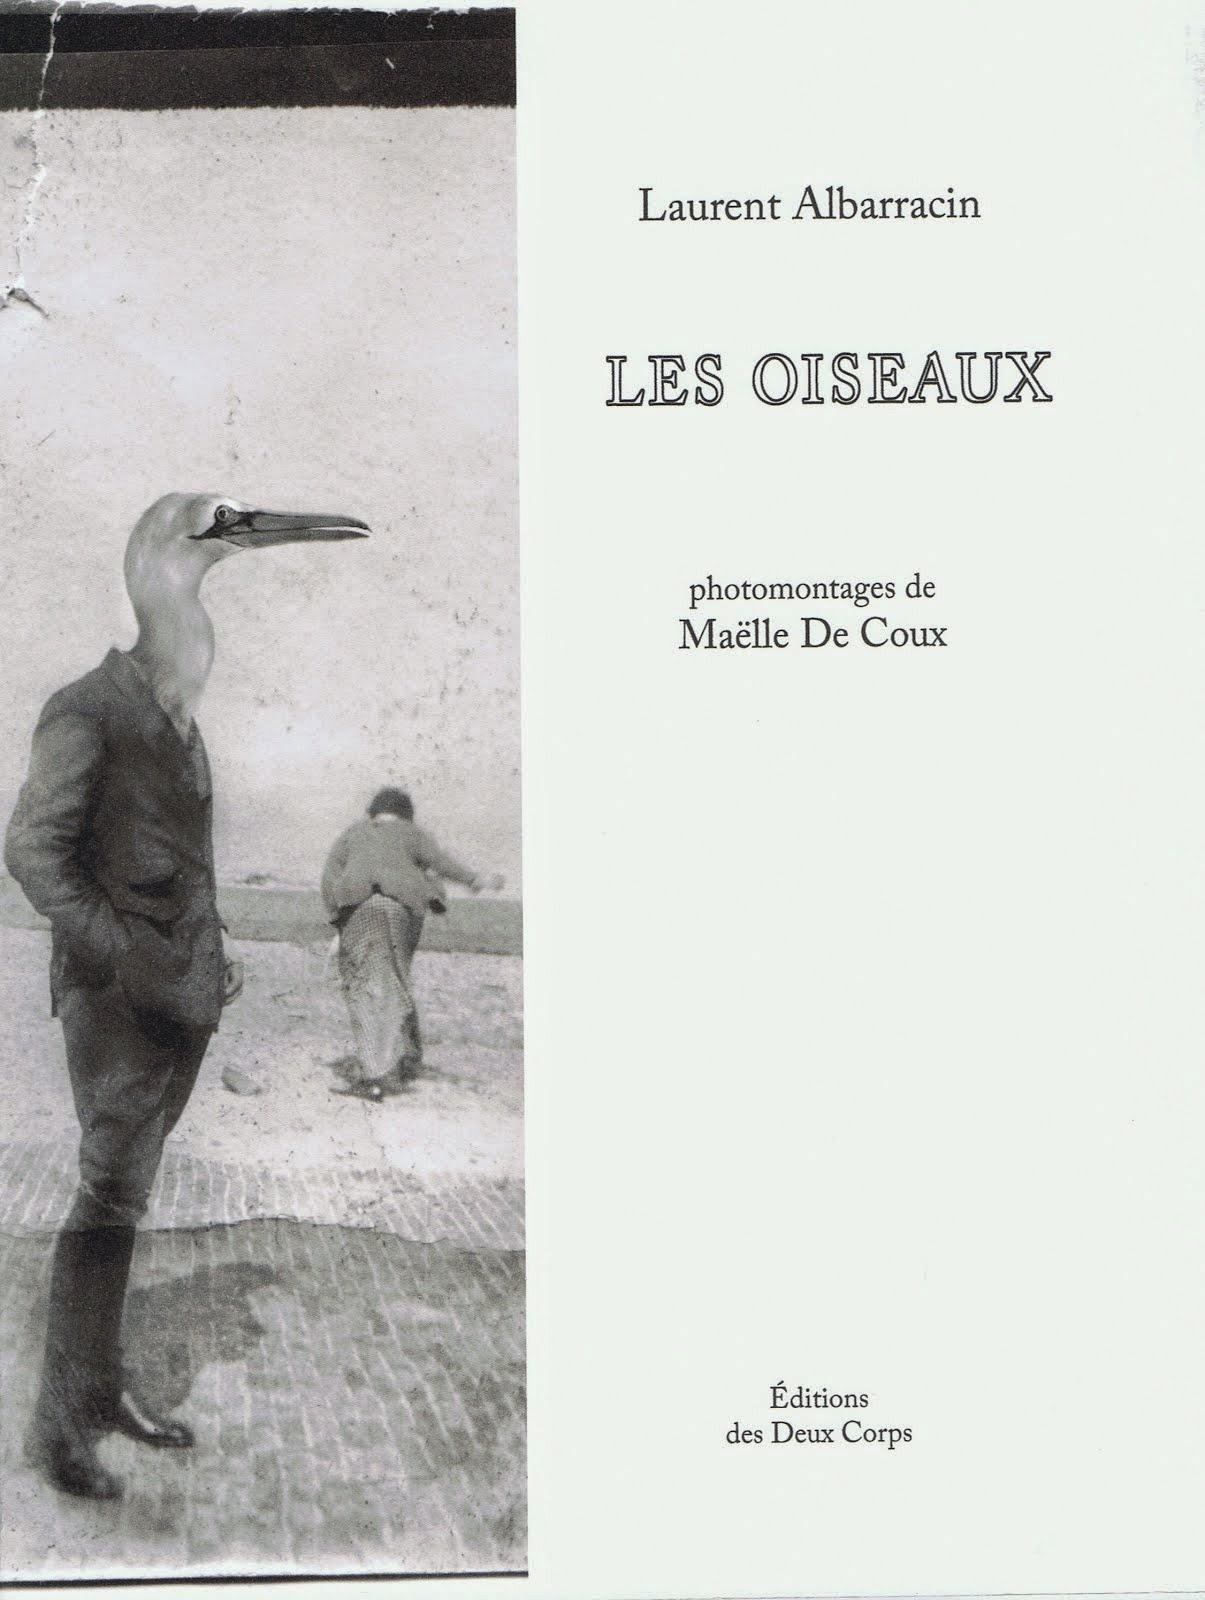 Laurent ALBARRACIN, LES OISEAUX, ÉDITIONS des DEUX CORPS, 2014